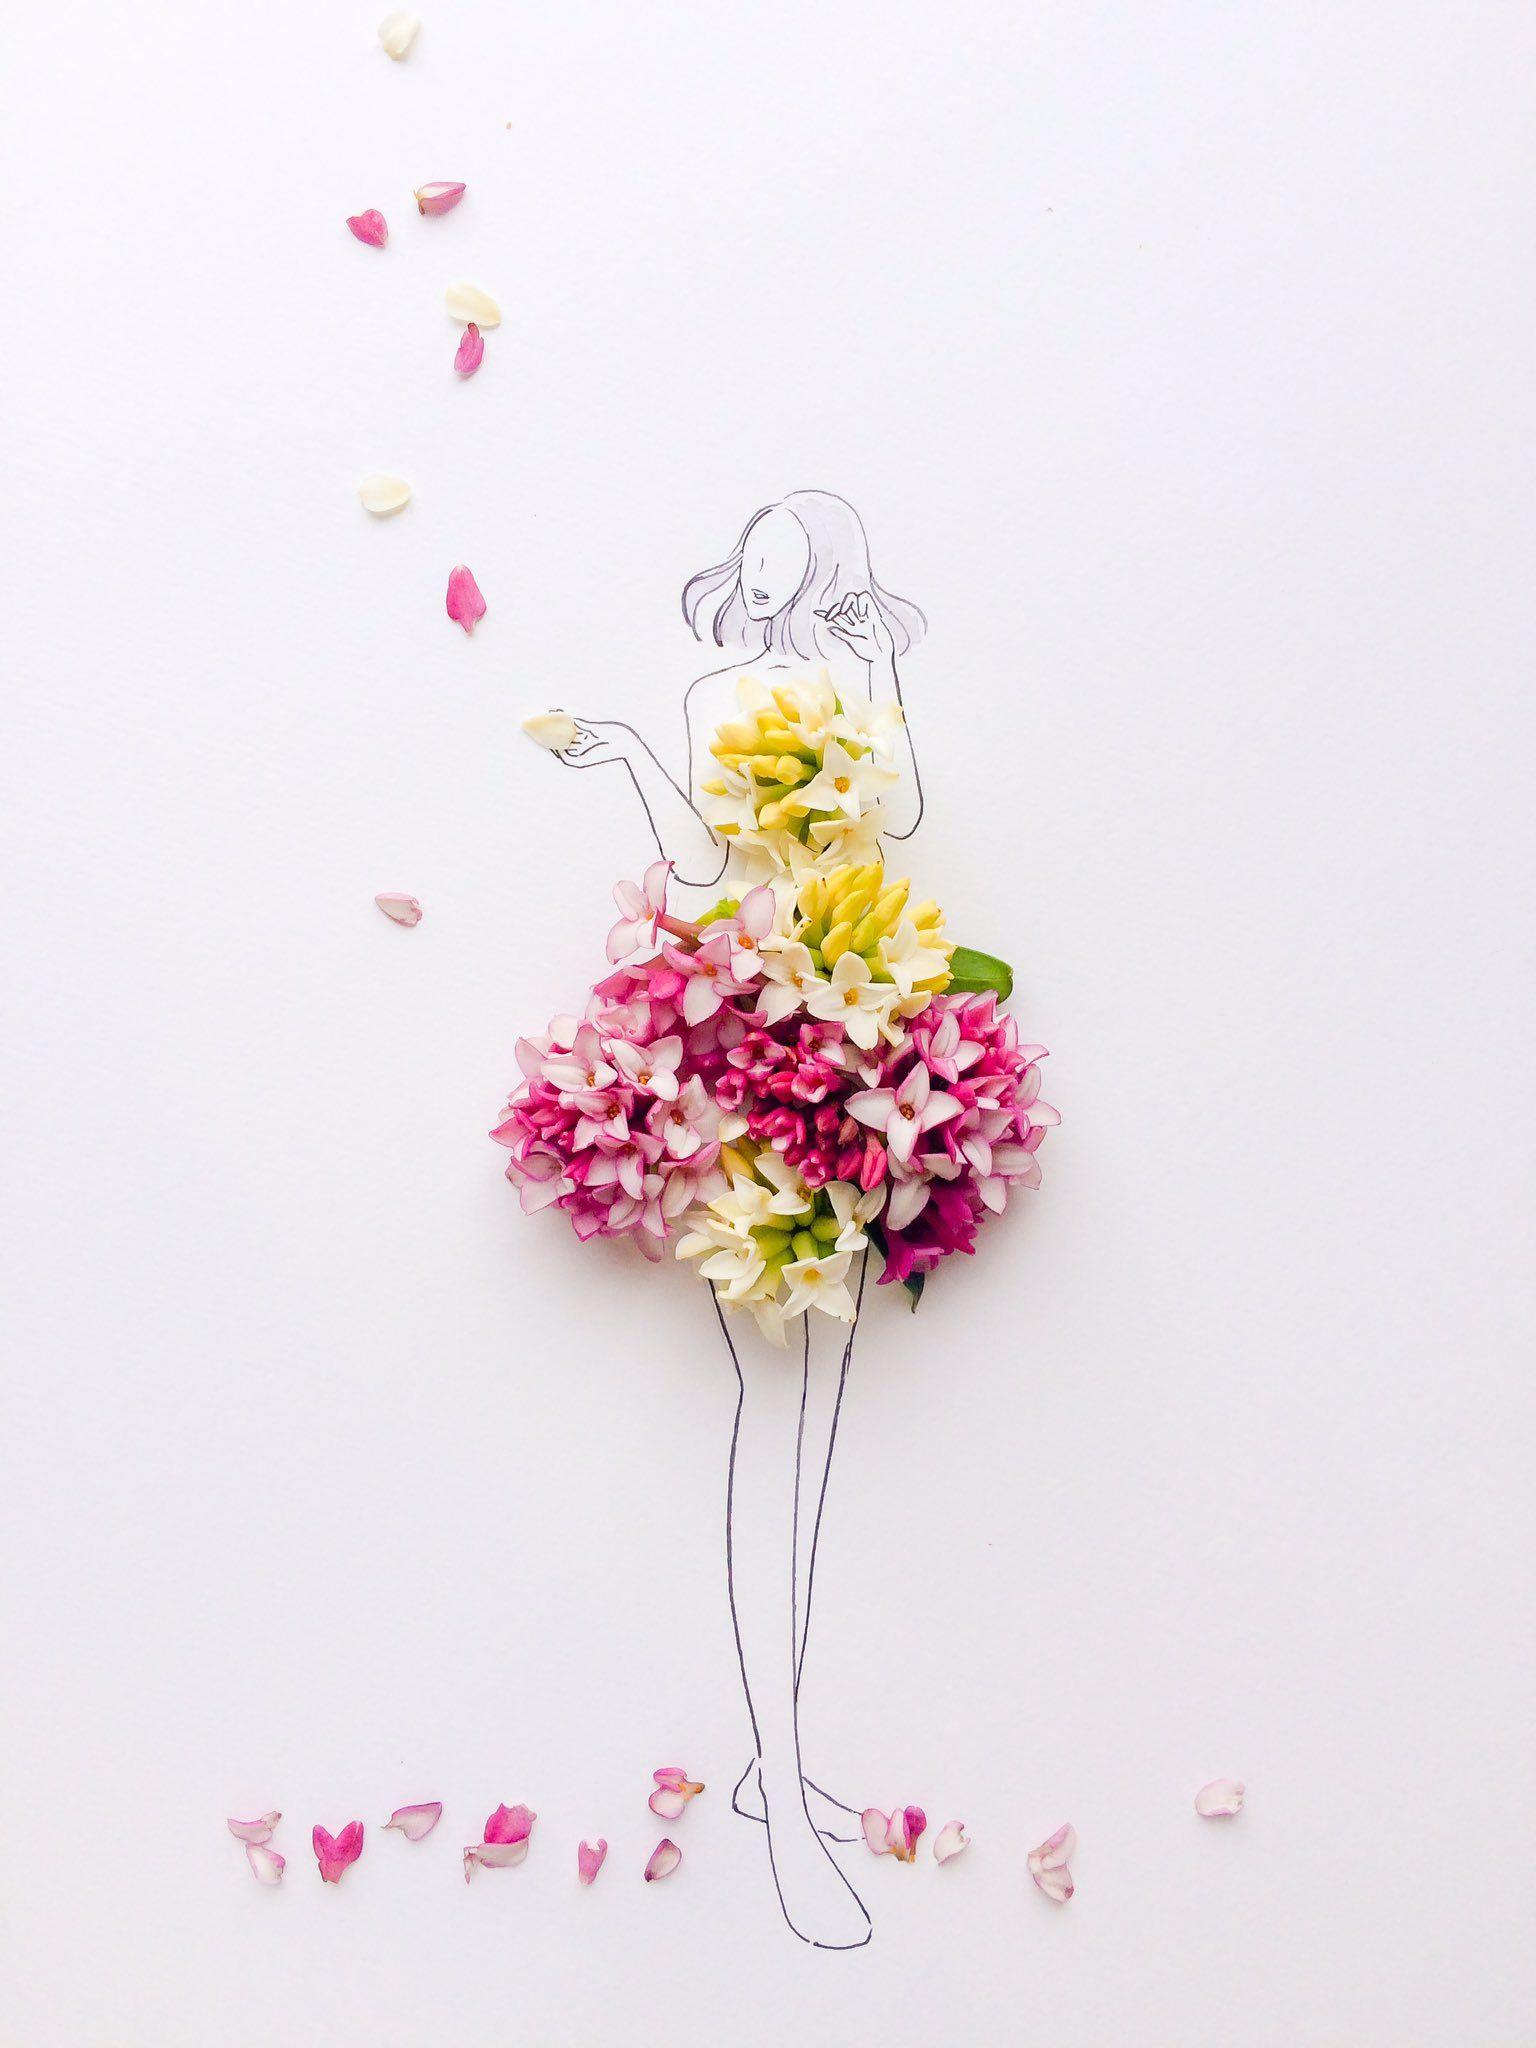 Twitter Beautiful Flowers Wallpapers Flower Petal Art